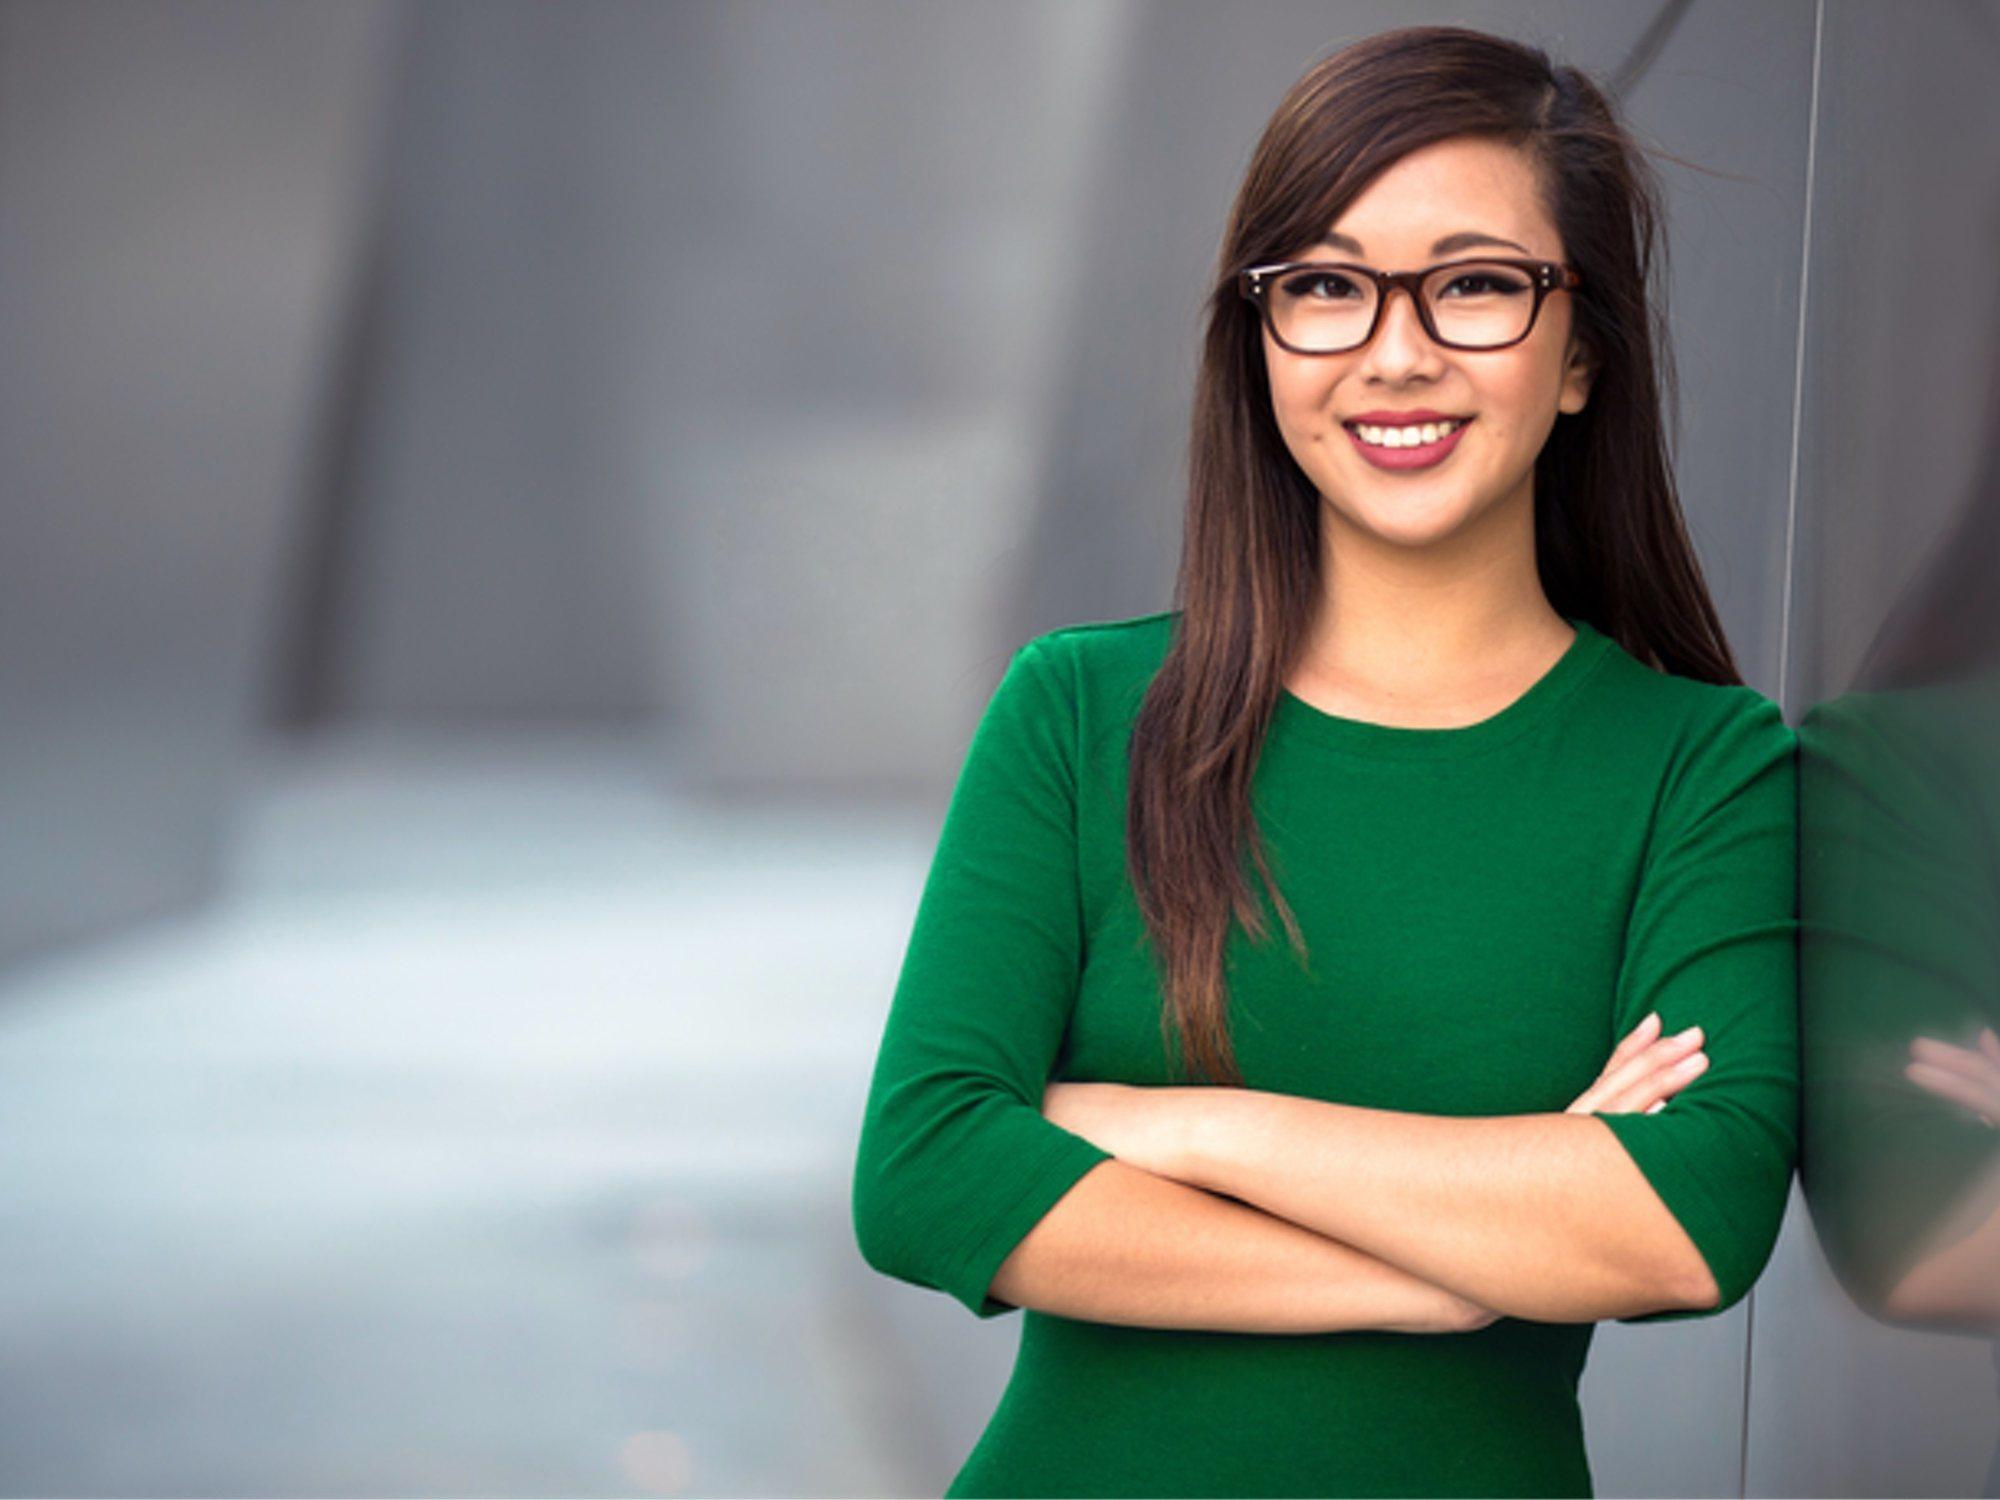 """Empresas japonesas prohíben las gafas a empleadas: """"Parecen poco femeninas, demasiado inteligentes"""""""